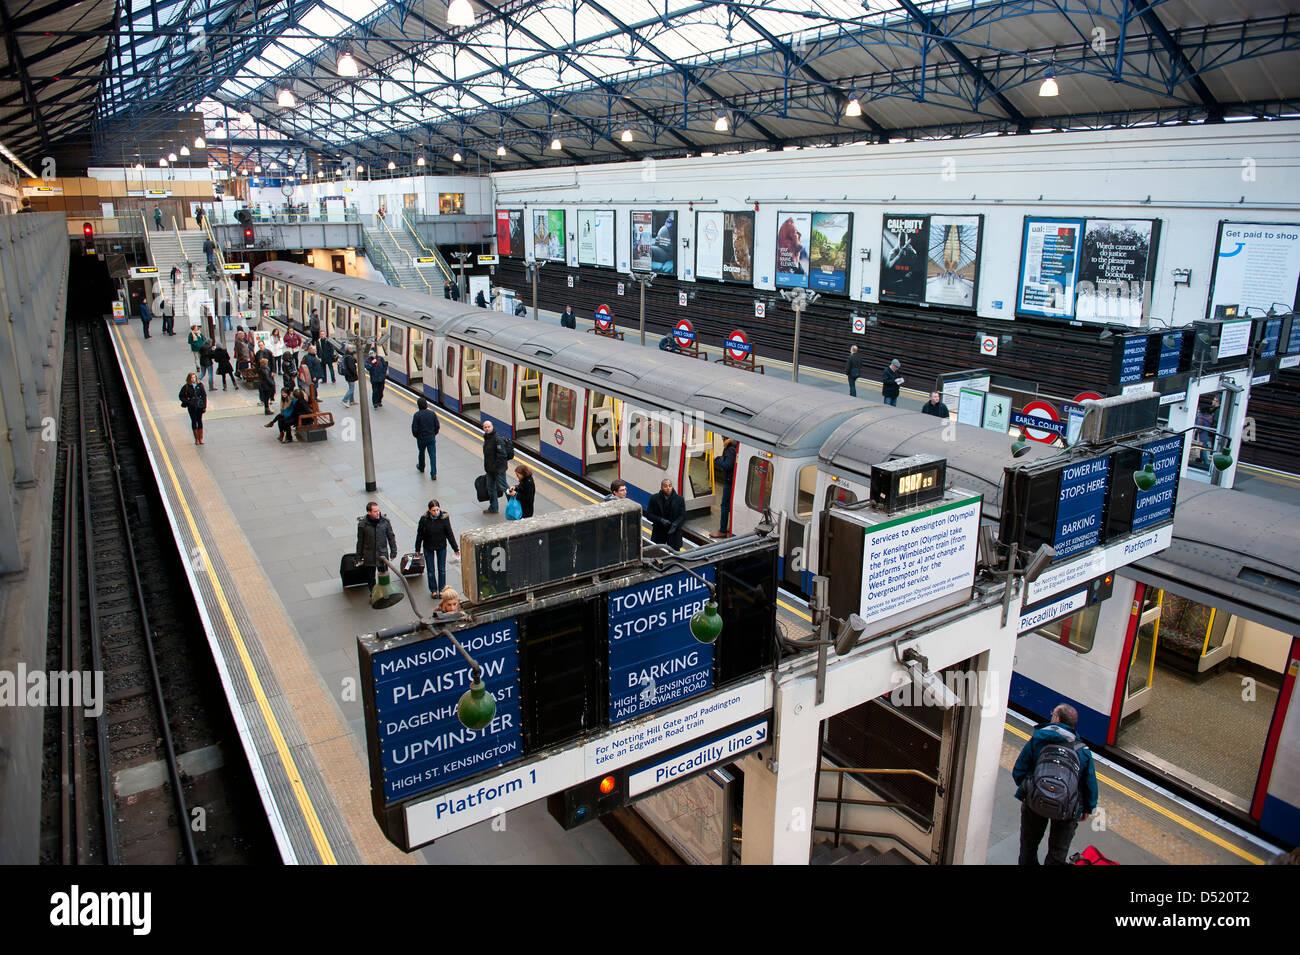 Earl's Court underground station, London, UK - Stock Image